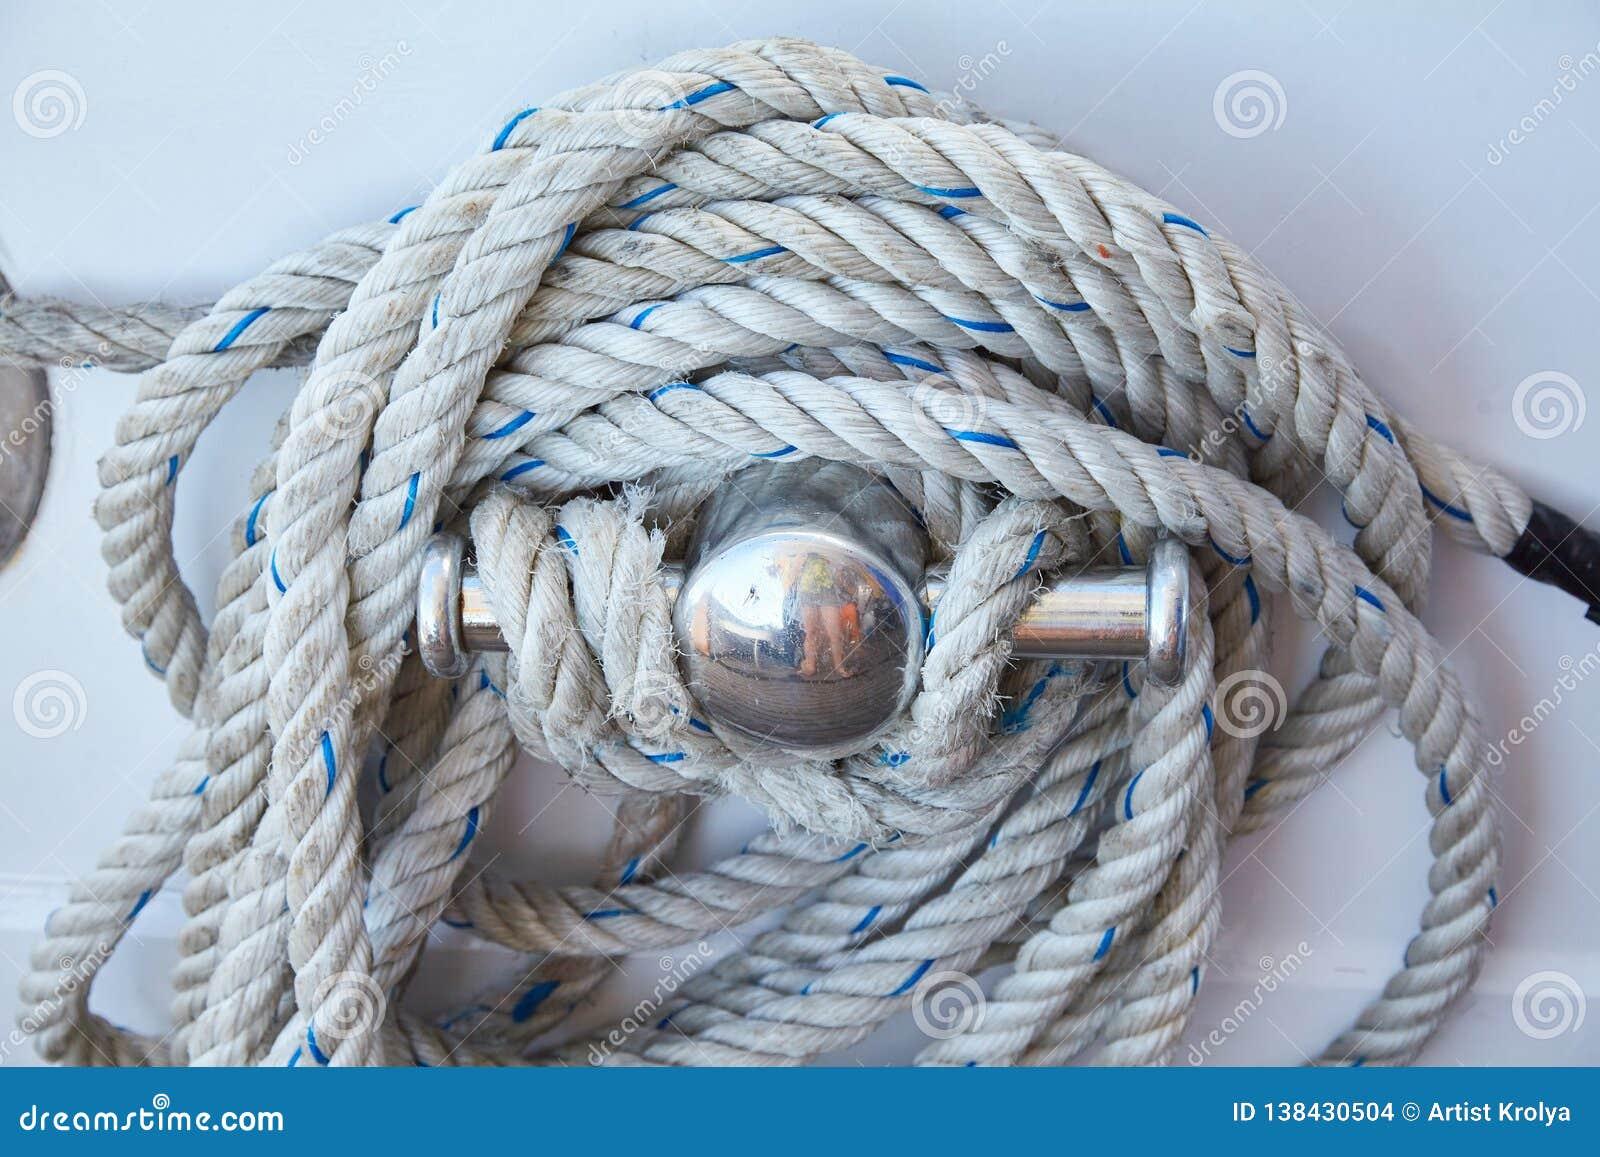 Corda branca bobinada em uma plataforma de barcos de madeira